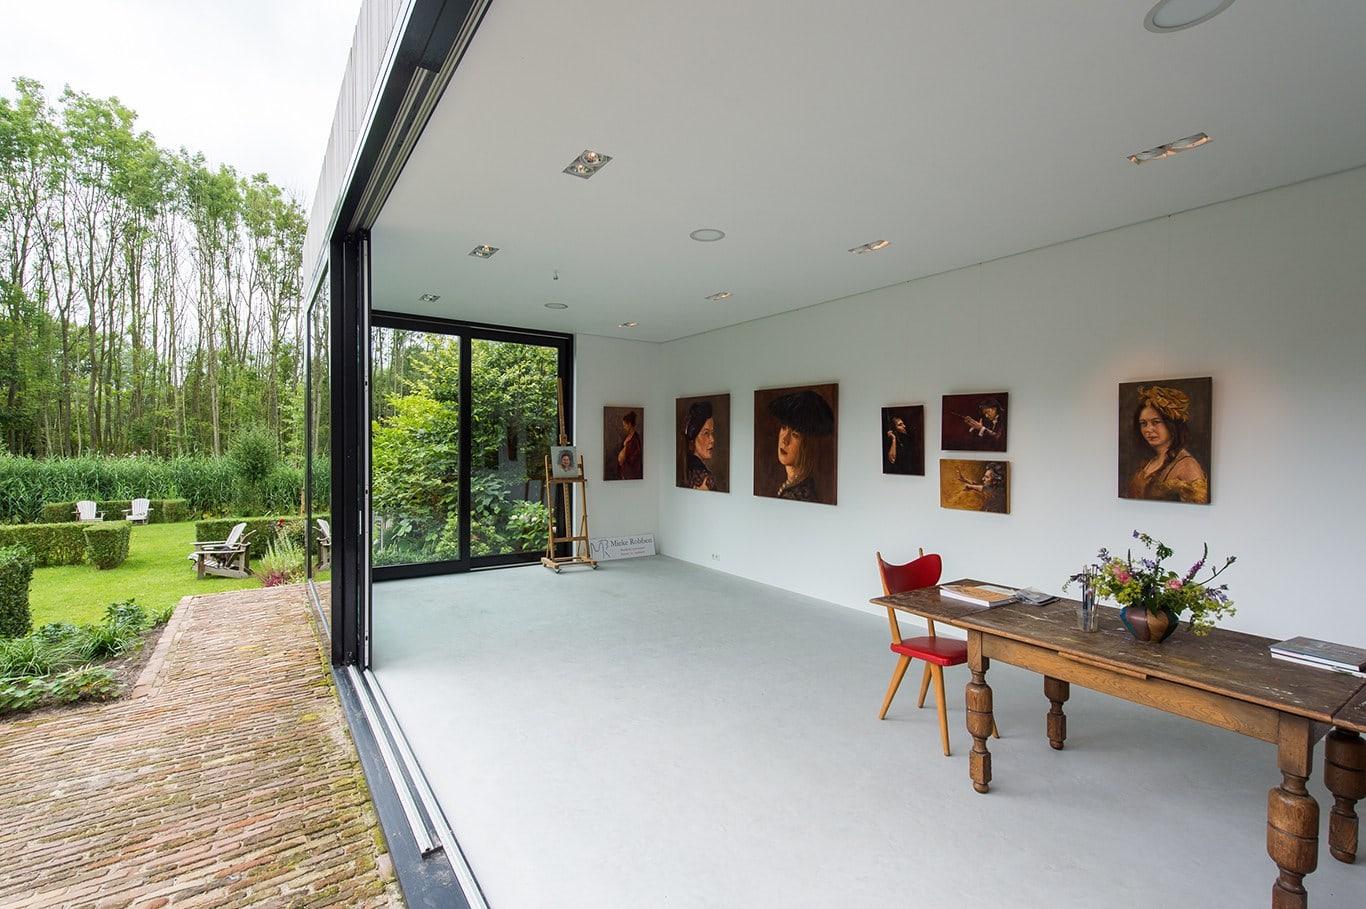 Atelier voor portretschilder in Breda. Rondom het gehele atelier kun je schilderijen ophangen aan een rails in het plafond. Mieke heeft zo maximale indeelbaarheid op de muren.